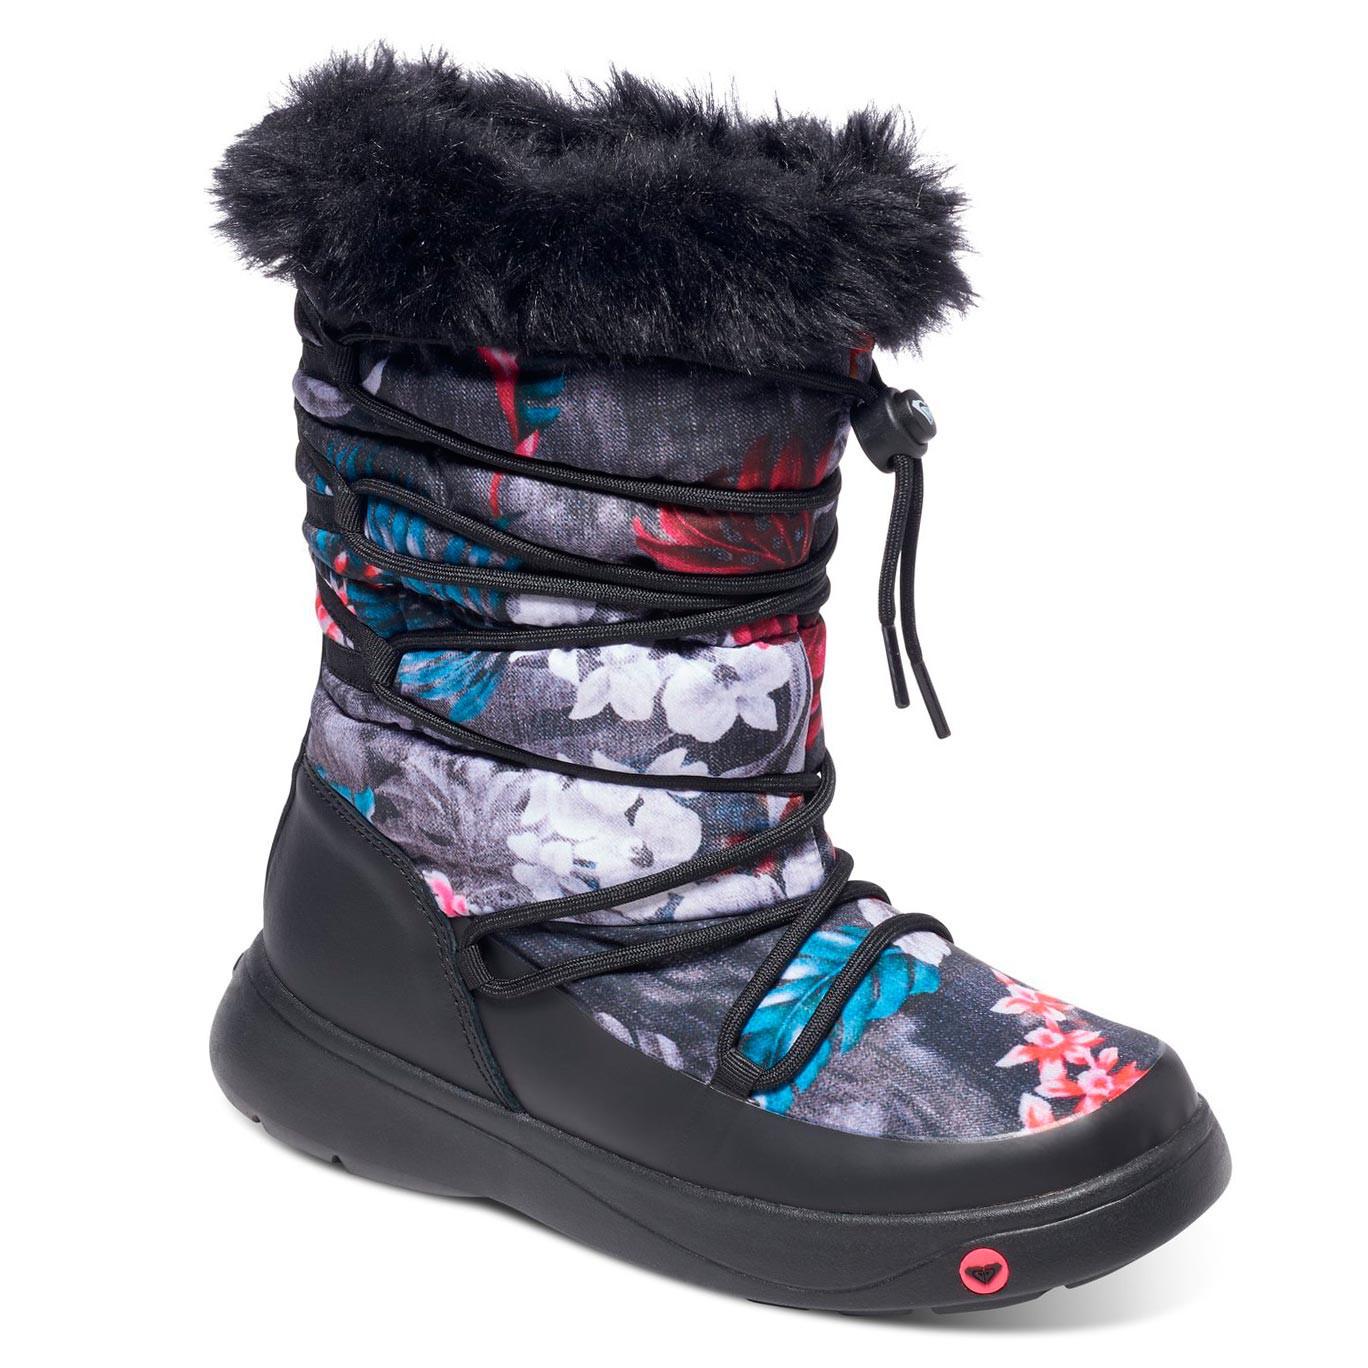 Zimní boty Roxy Summit black print vel.6 (39) 16 + doručení do 24 hodin